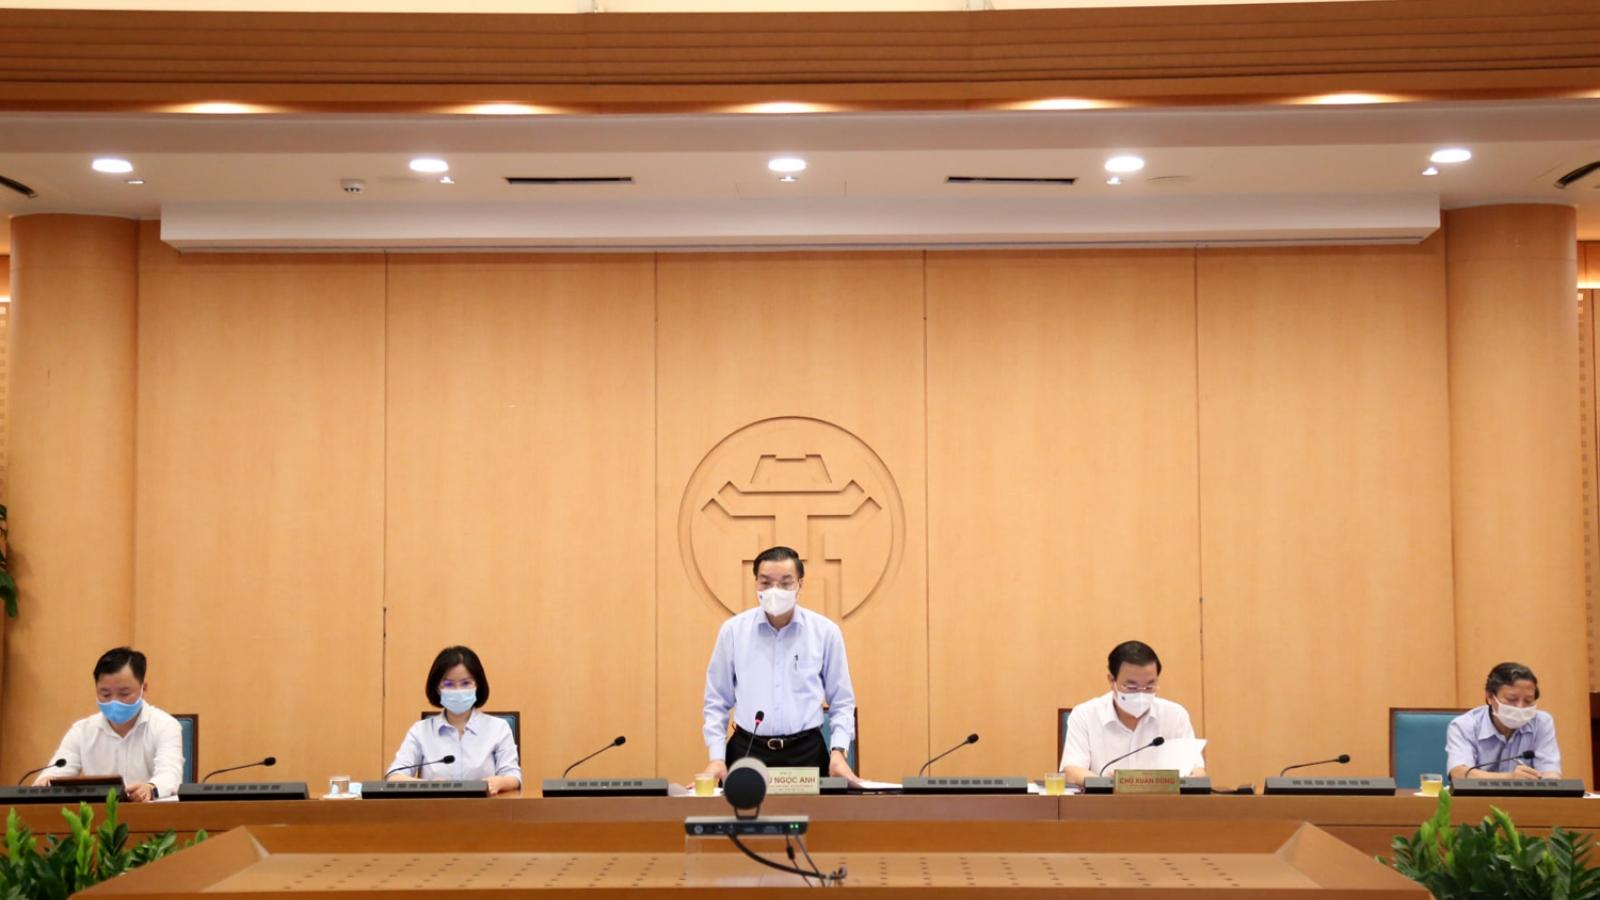 Chủ tịch TP Hà Nội: Kiểm soát dịch Covid-19 phải hối hả, nếu hành chính là không theo kịp